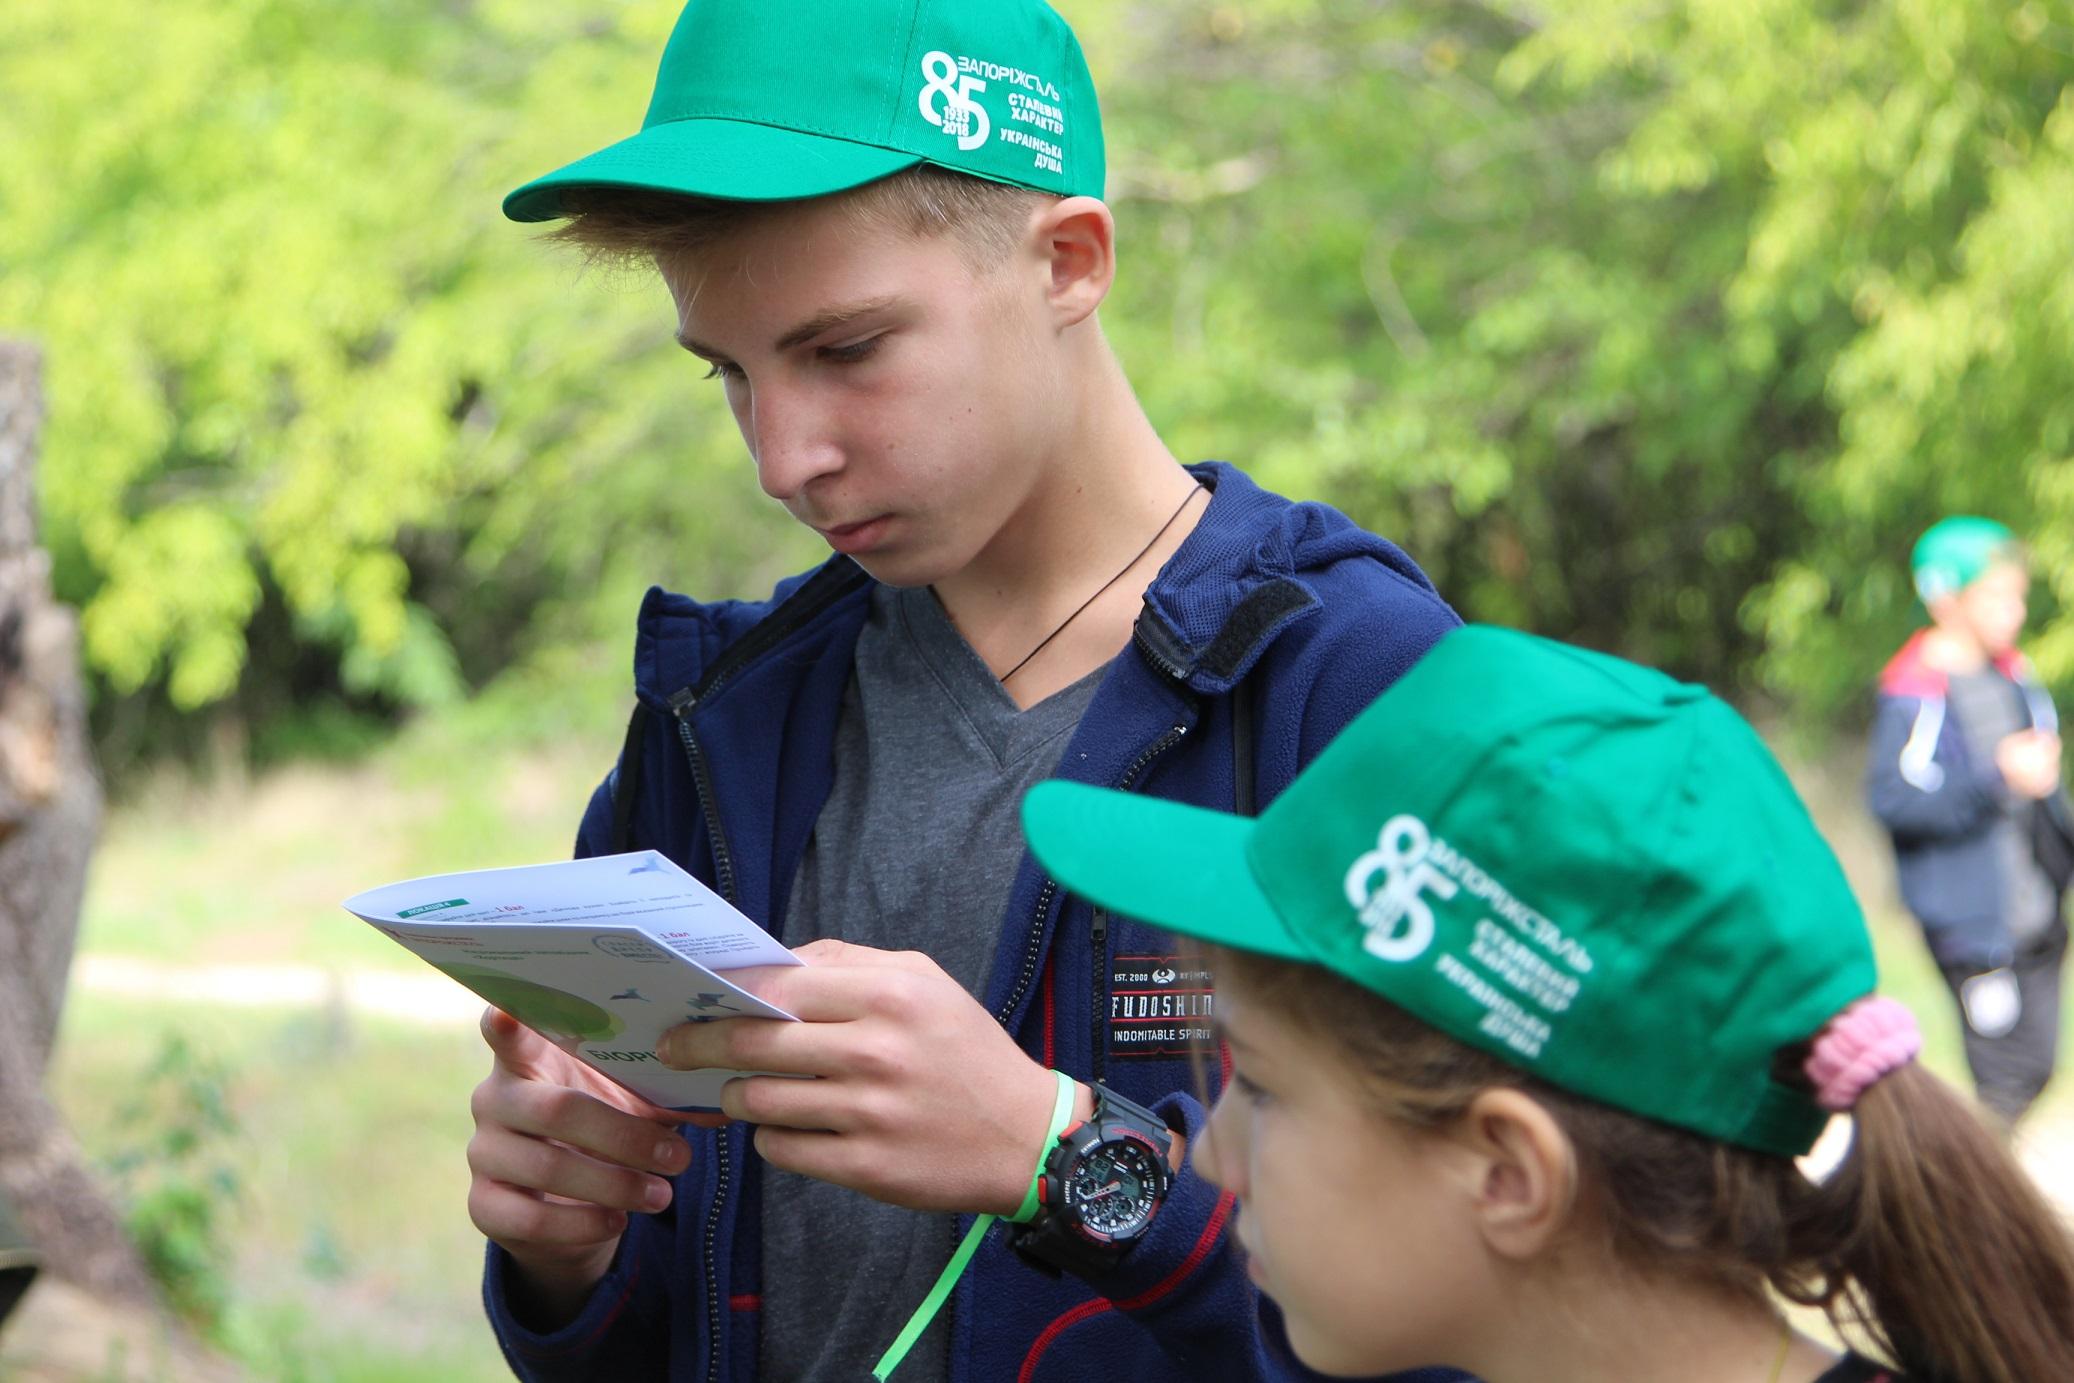 Участники экоквеста знакомятся с заданиями